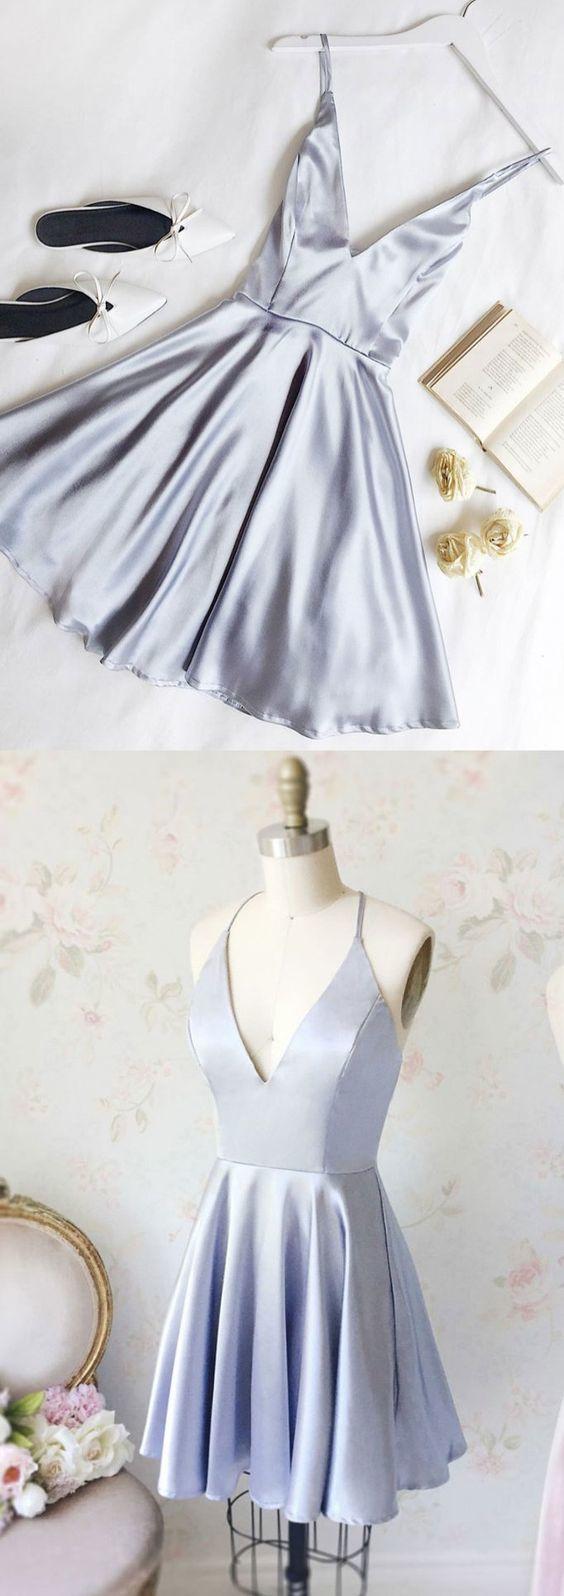 Chic a-line v neck homecoming dresses short prom dress simple homecoming dresses – moda